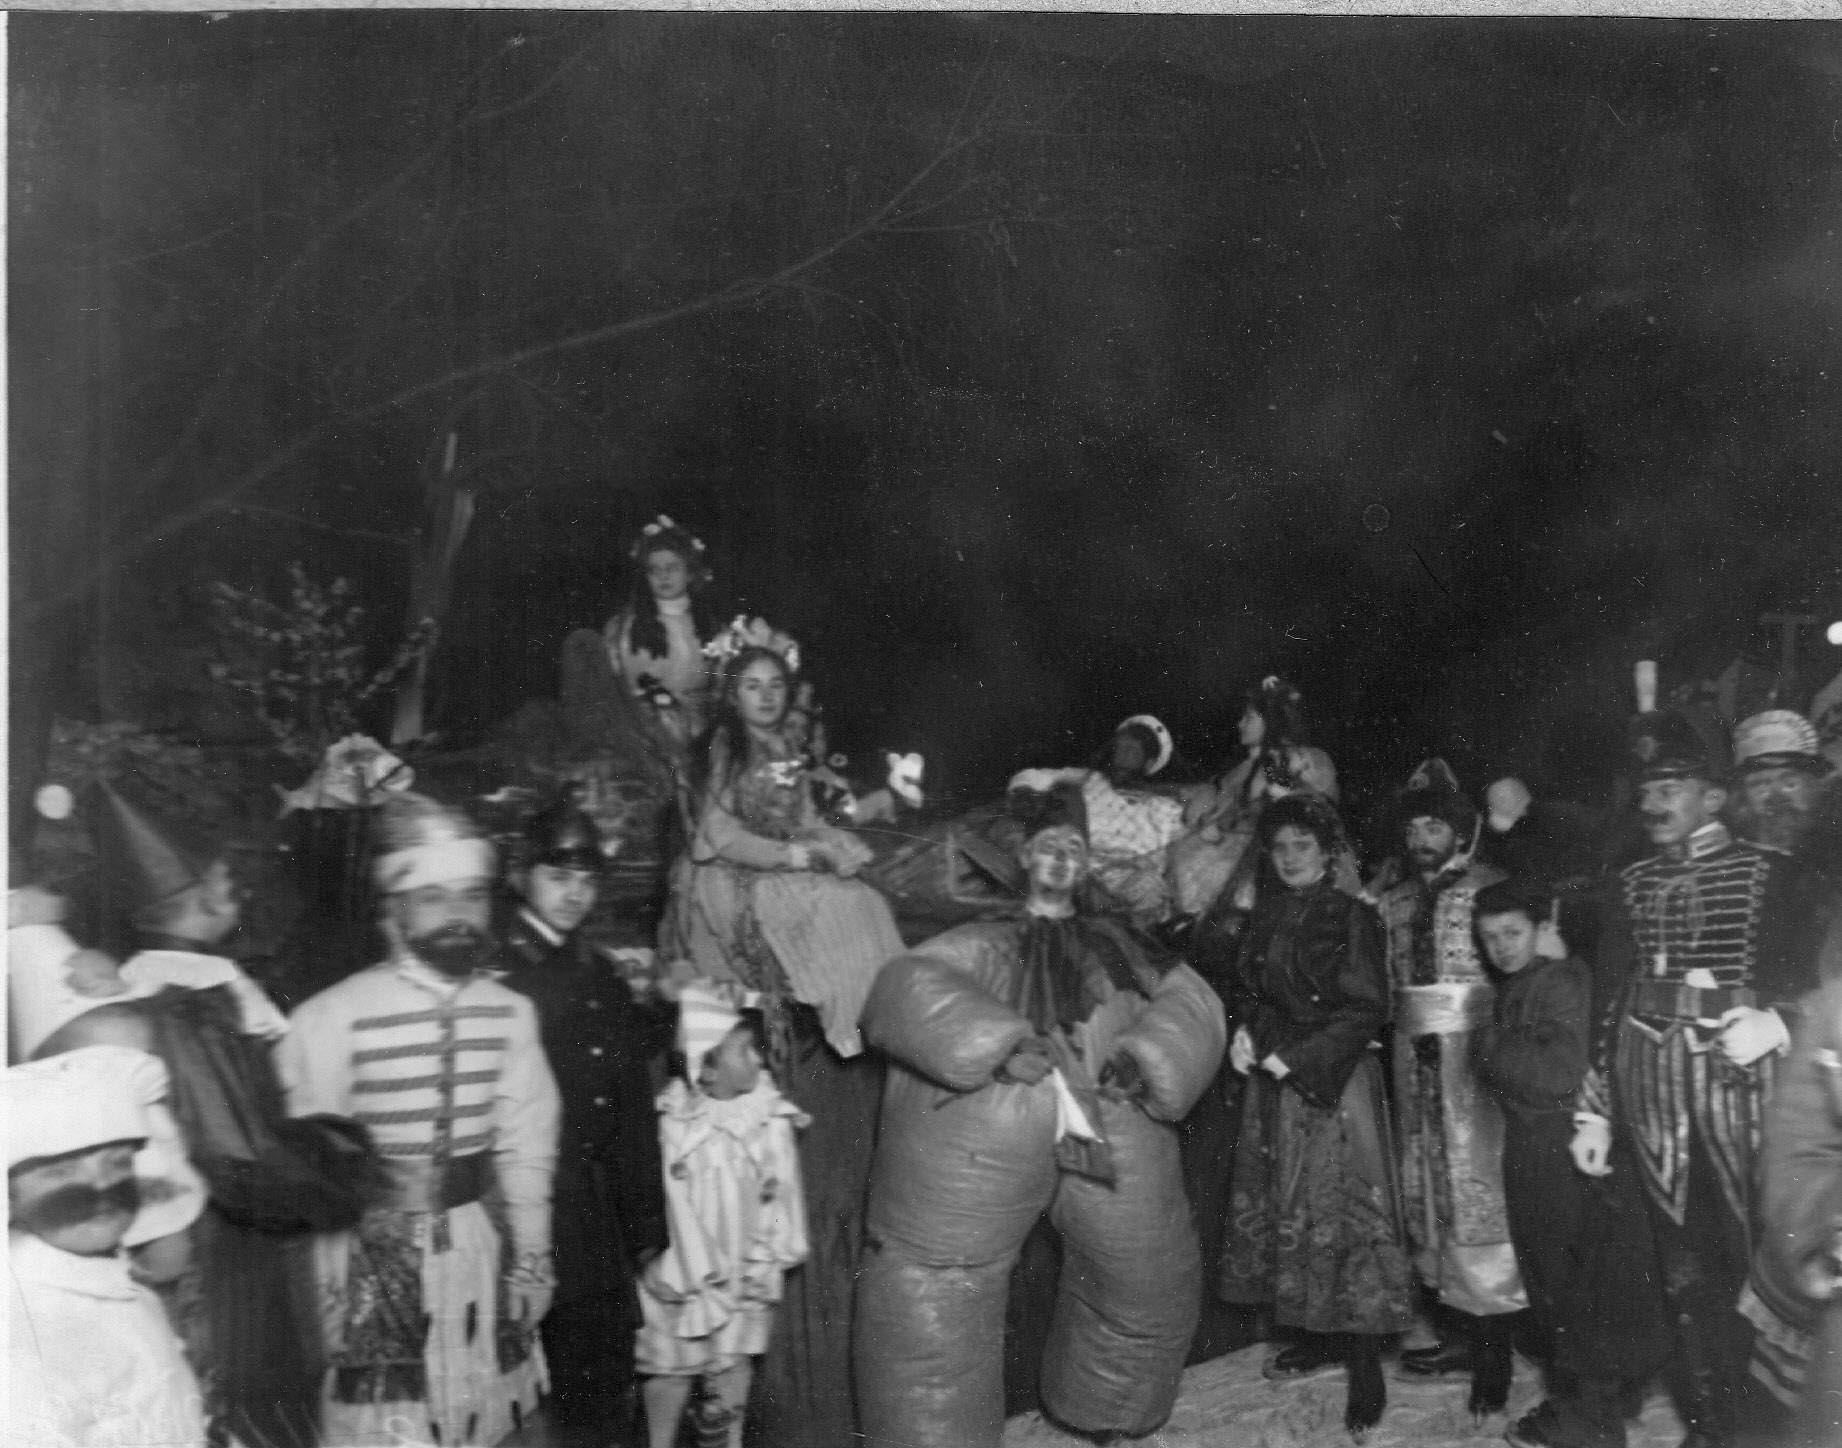 Группа участников карнавала на льду в карнавальных костюмах в Юсуповом саду